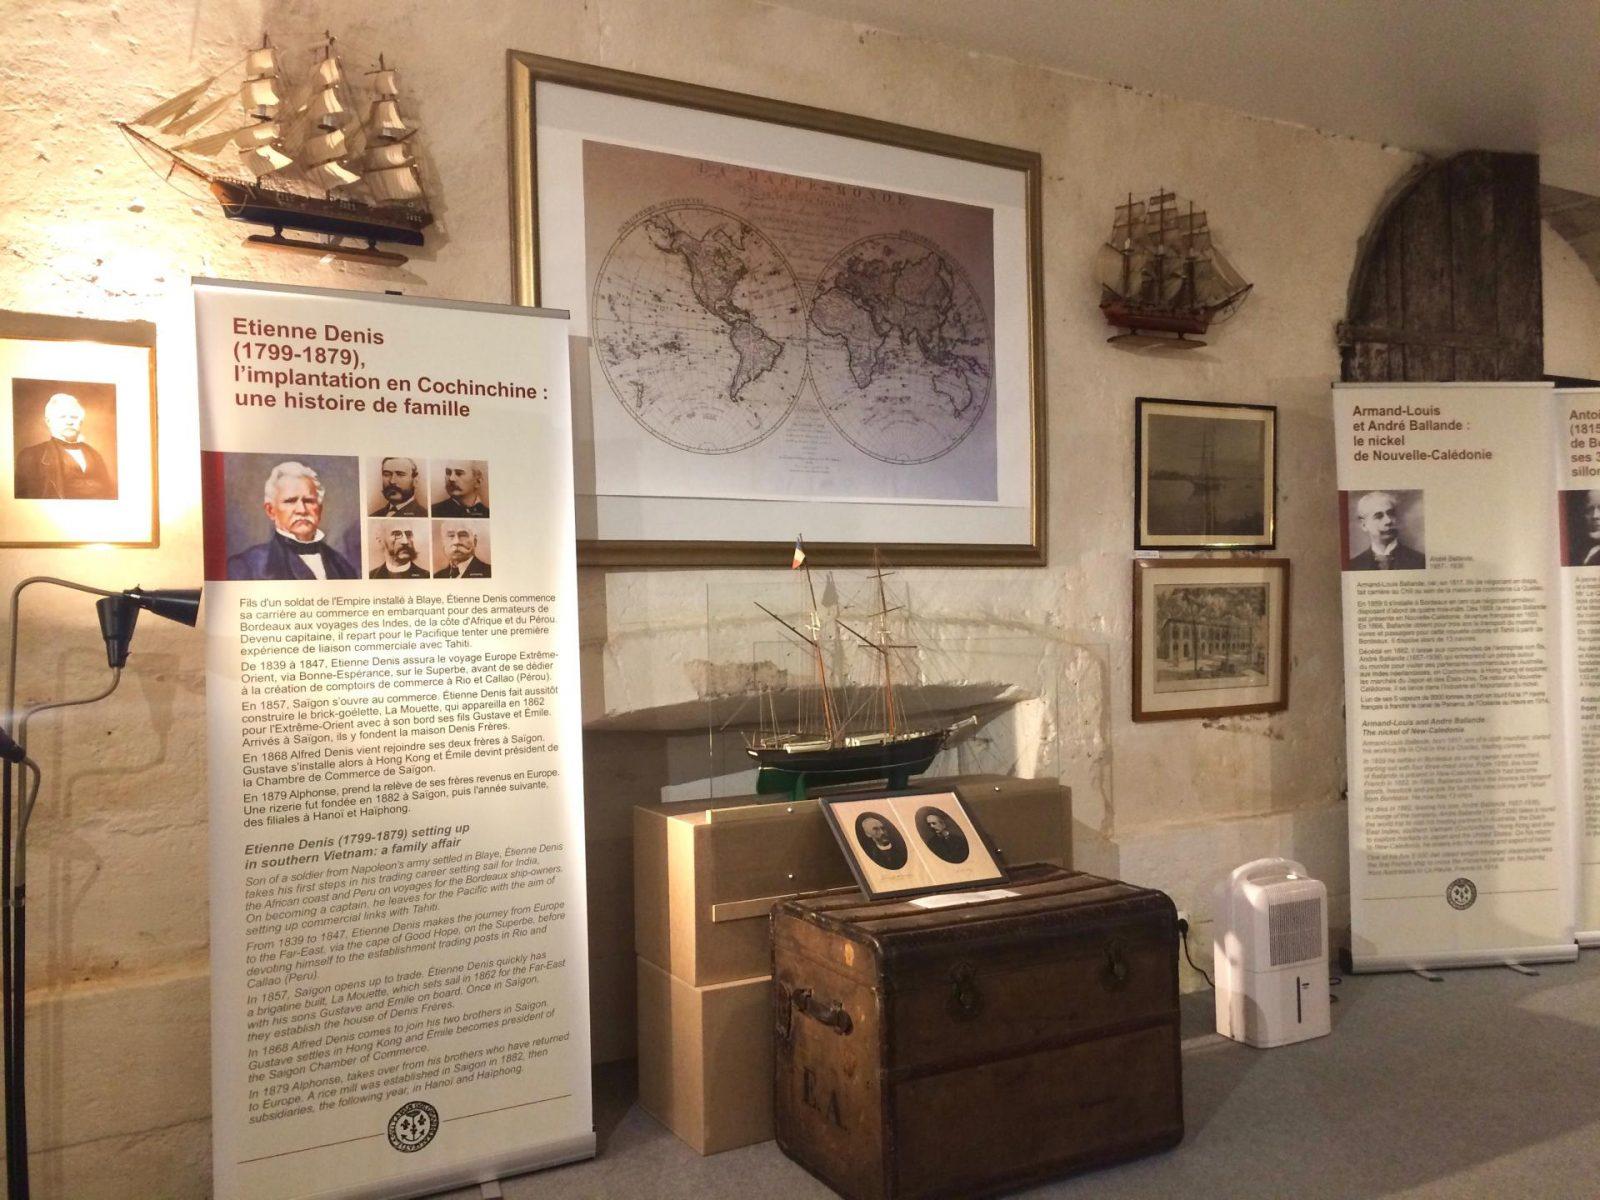 Musée de l'histoire maritime de Bordeaux, les négociants